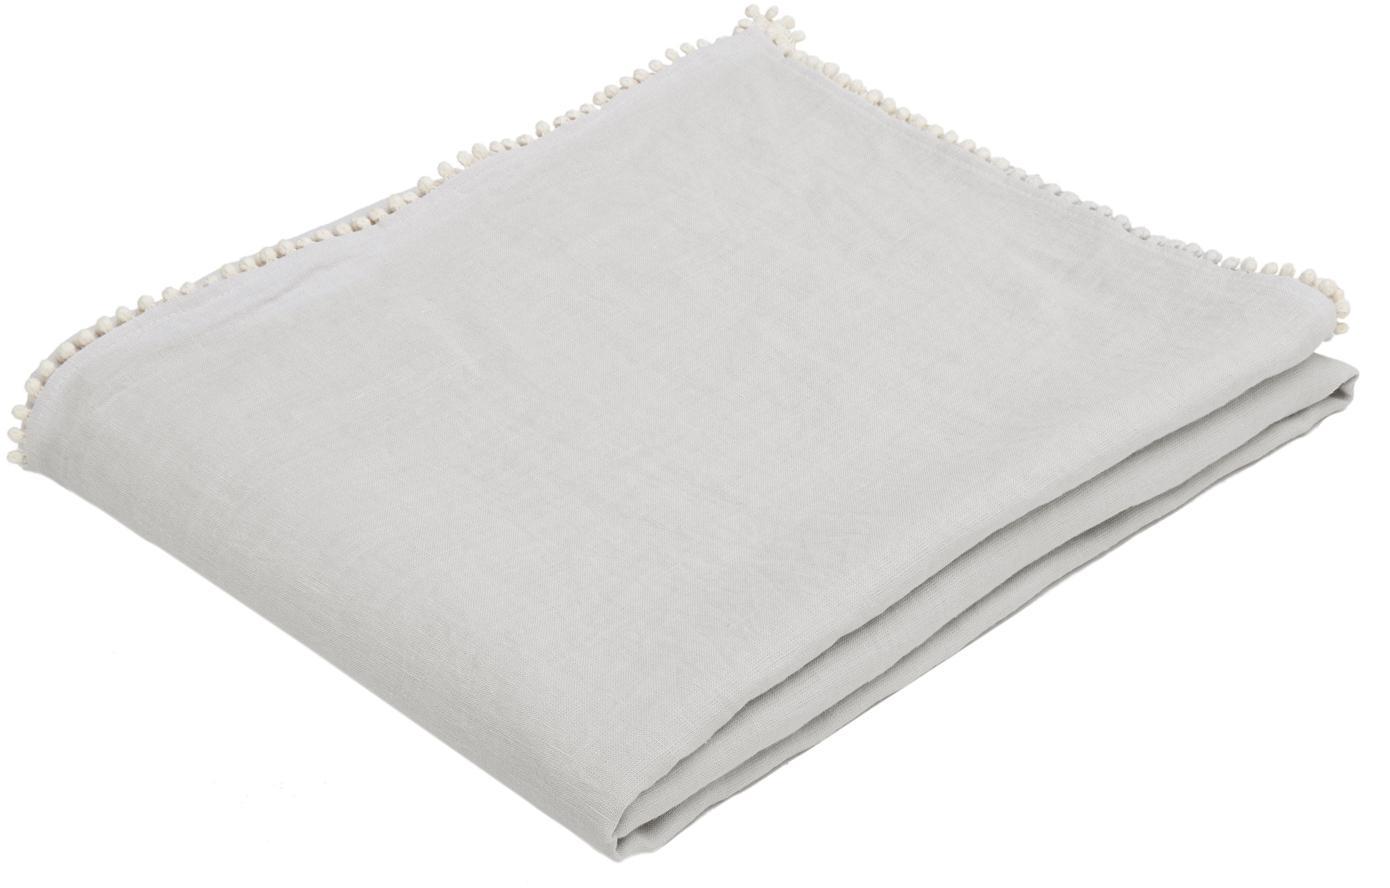 Leinen-Tischdecke Pom Pom, Leinen, Hellgrau, Für 6 - 8 Personen (B 150 x L 250 cm)